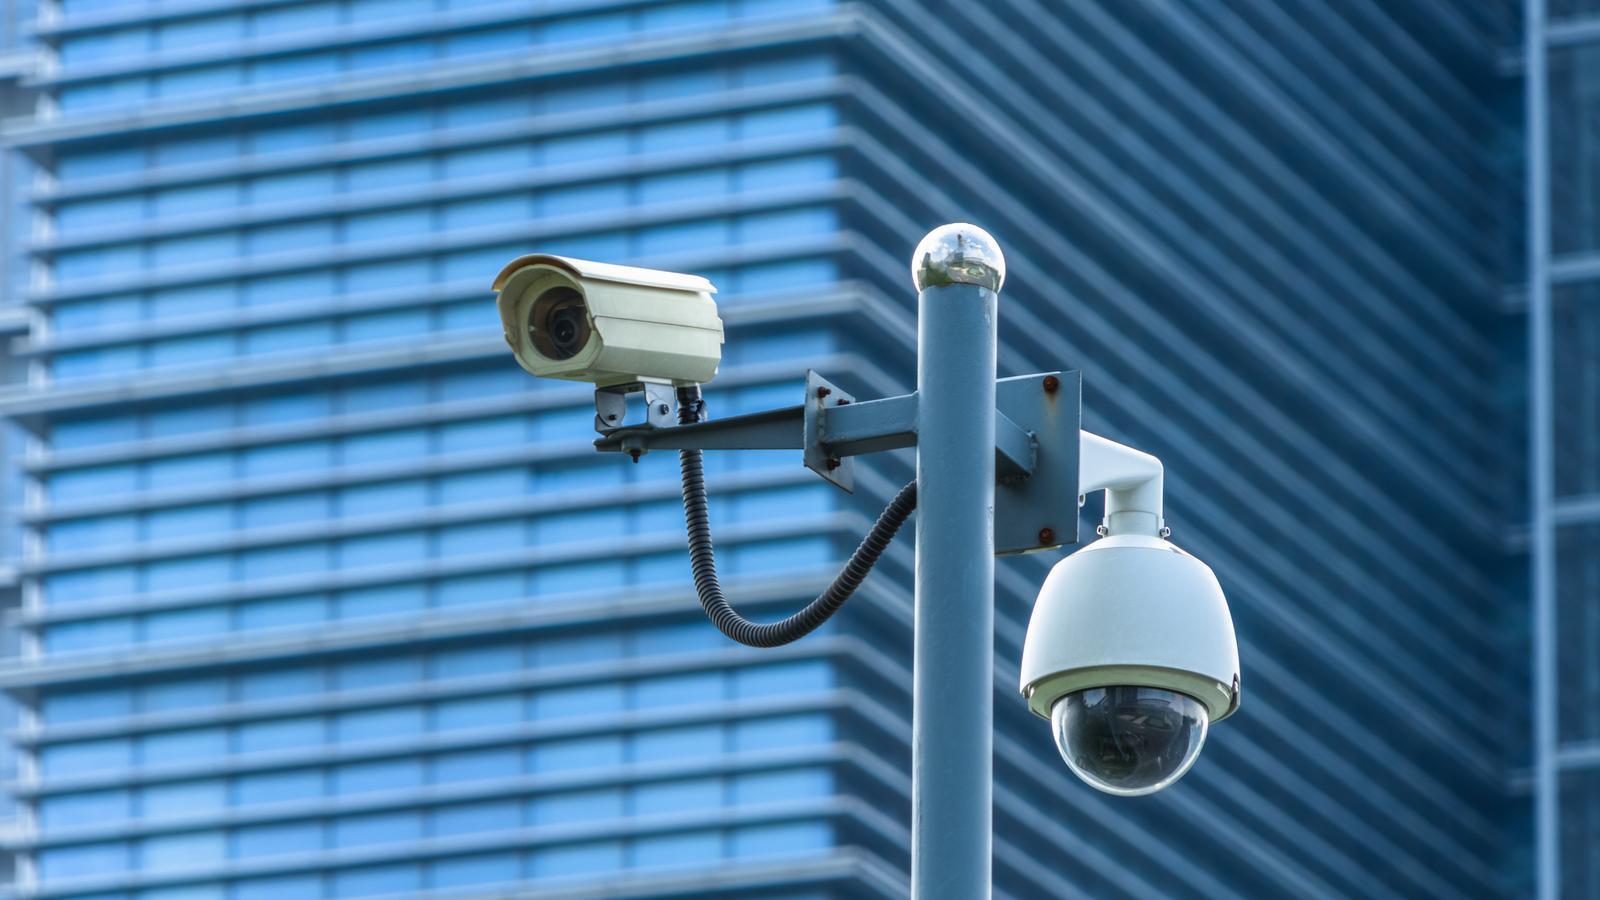 Primer pla d'una càmera de vigilància